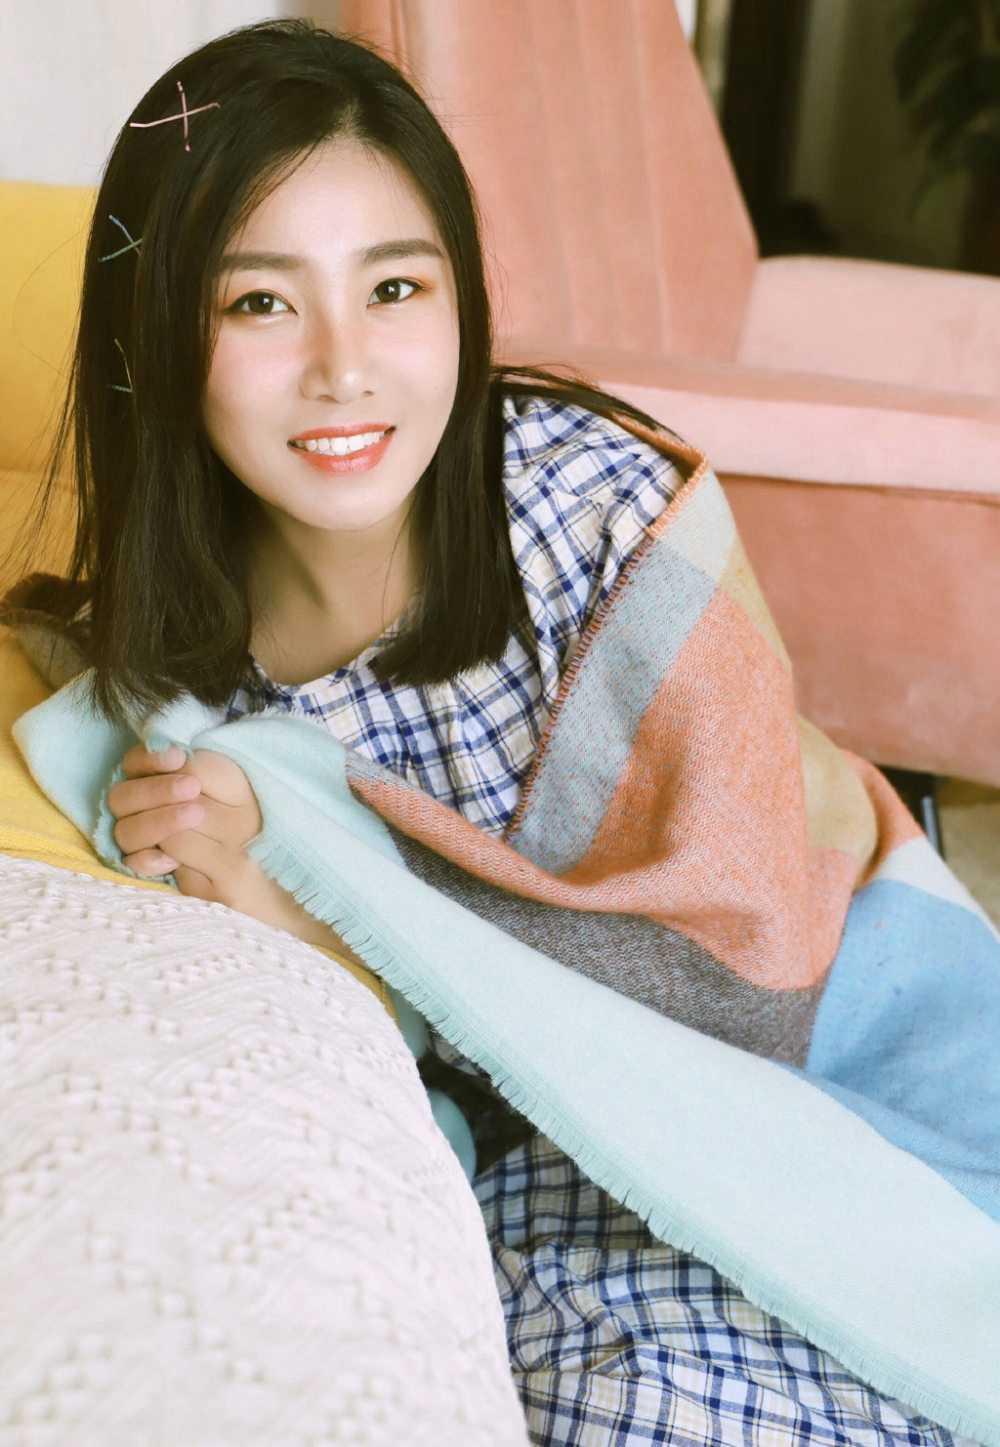 韩国养眼美女模特李静妍